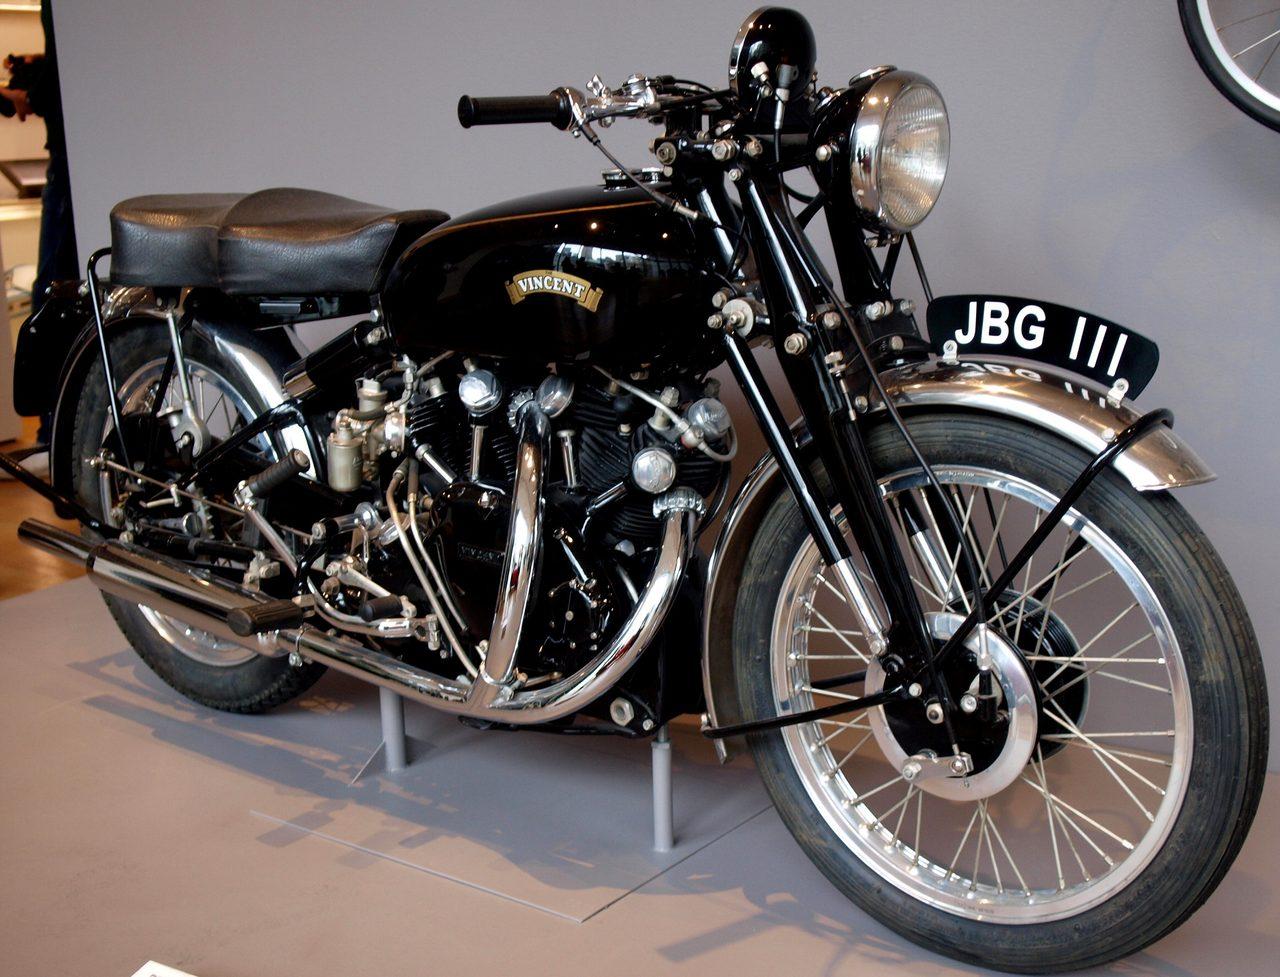 画像: 知らなかったバイクメーカー!イギリスに存在した伝説のバイクメーカー「ヴィンセント」 - LAWRENCE(ロレンス) - Motorcycle x Cars + α = Your Life.